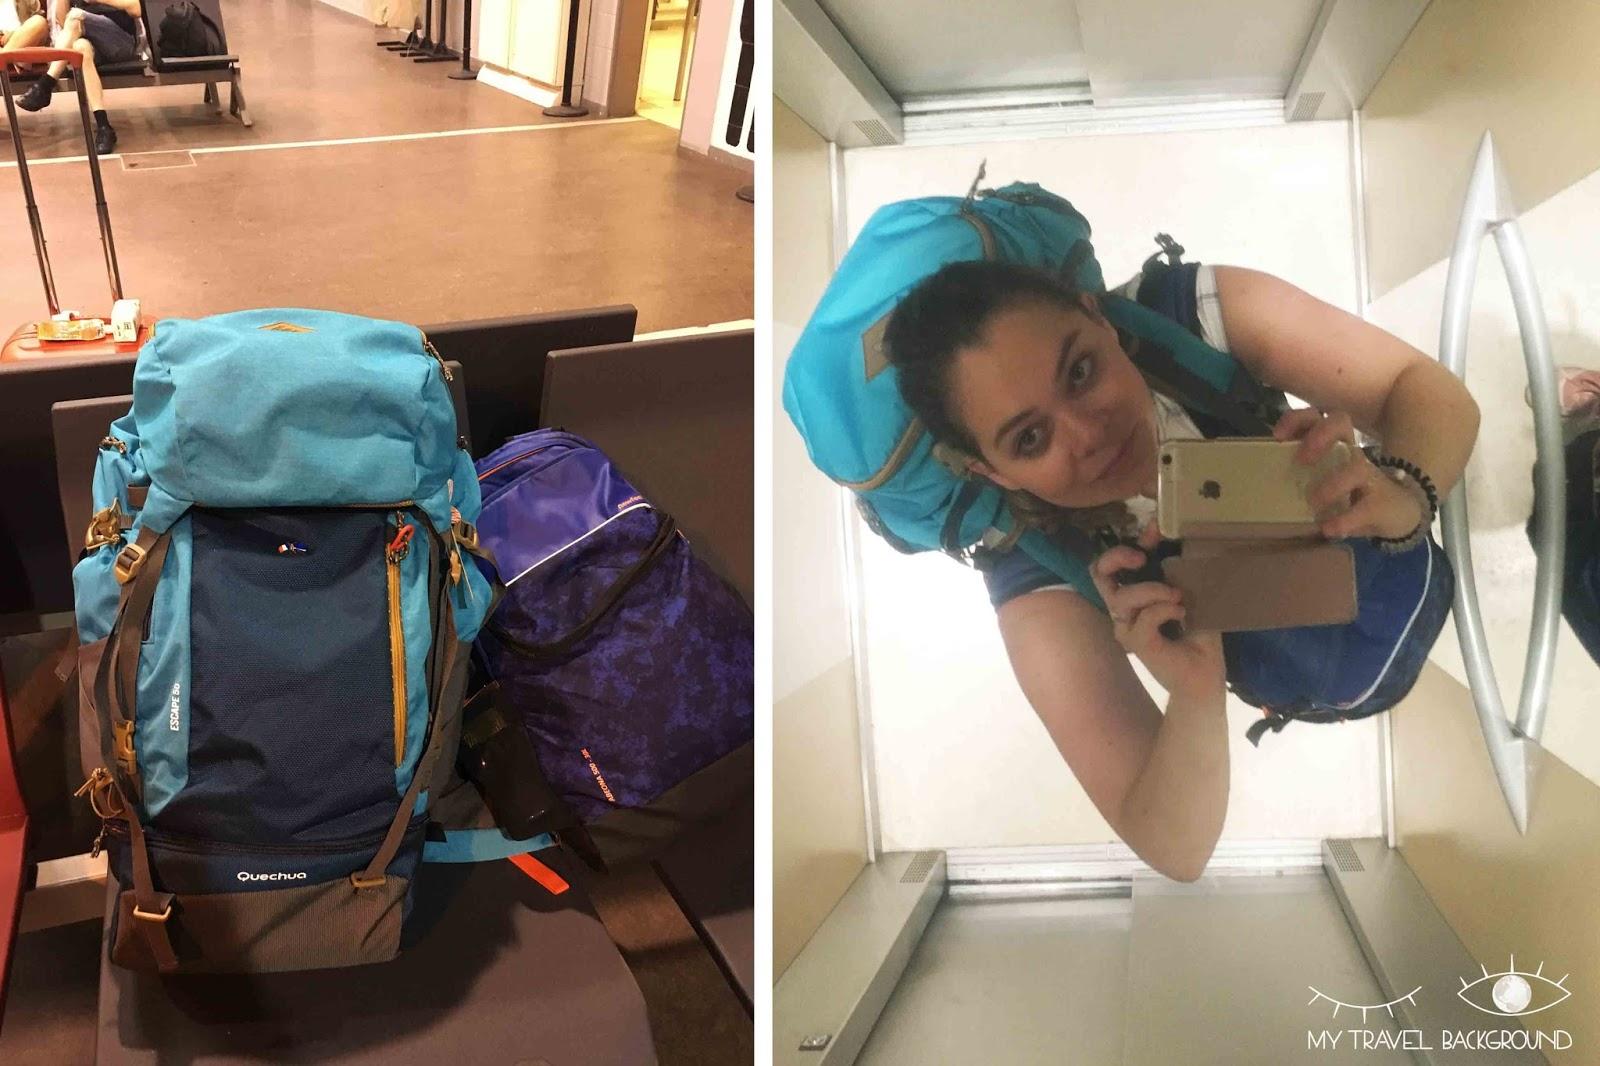 My Travel Background : voyager en sac à dos, quel modèle choisir, et quoi mettre dedans? Decathlon Escape 50L femme + newfeel abeona 30L